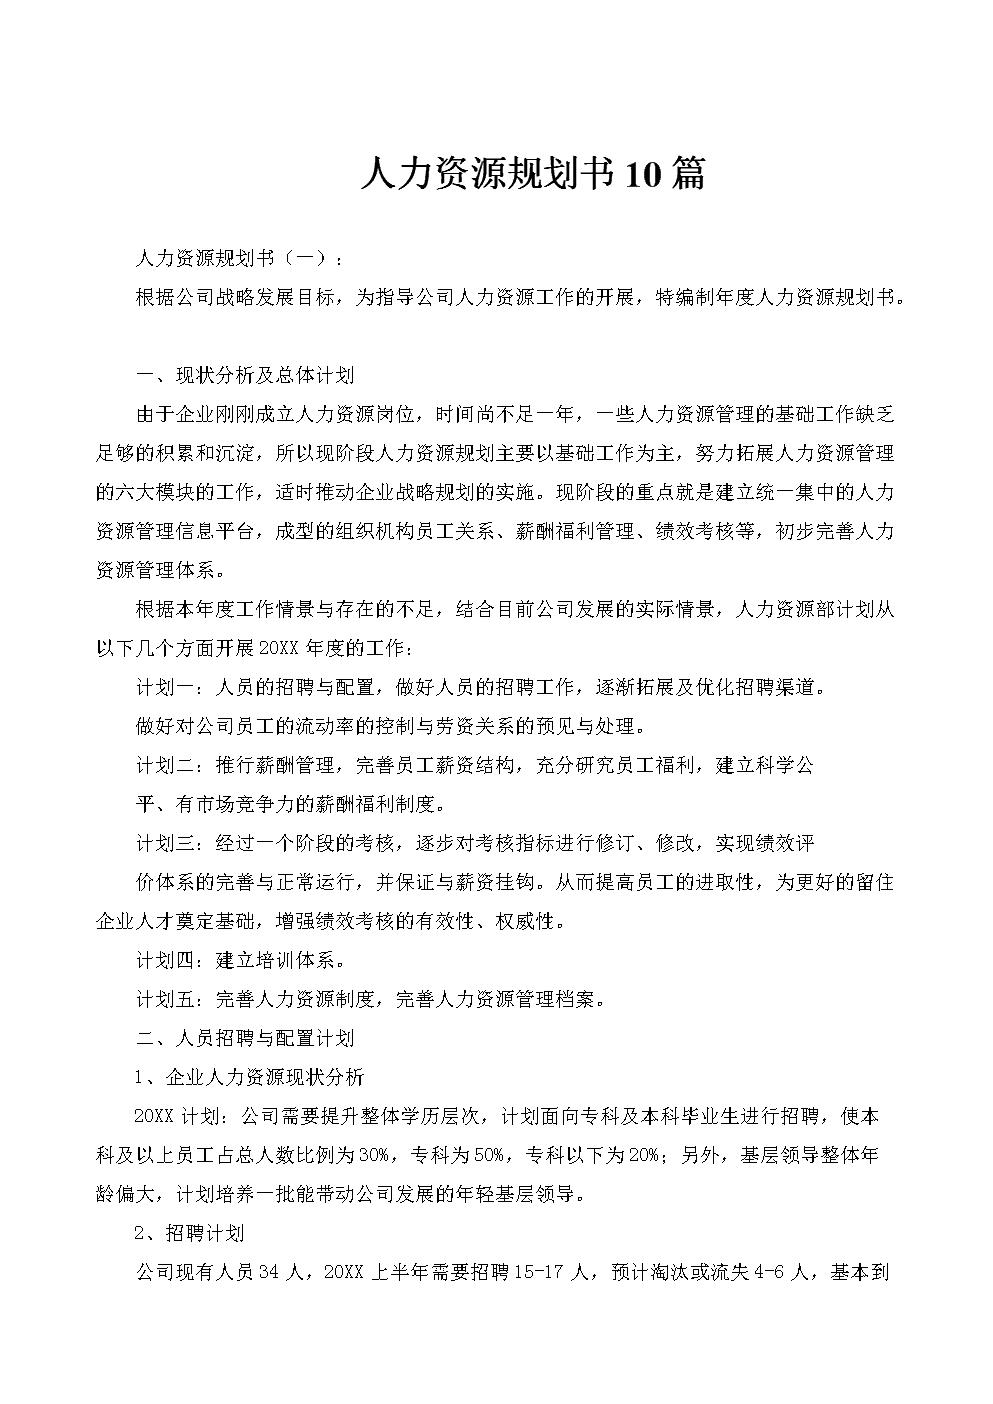 人力资源规划书10篇.docx